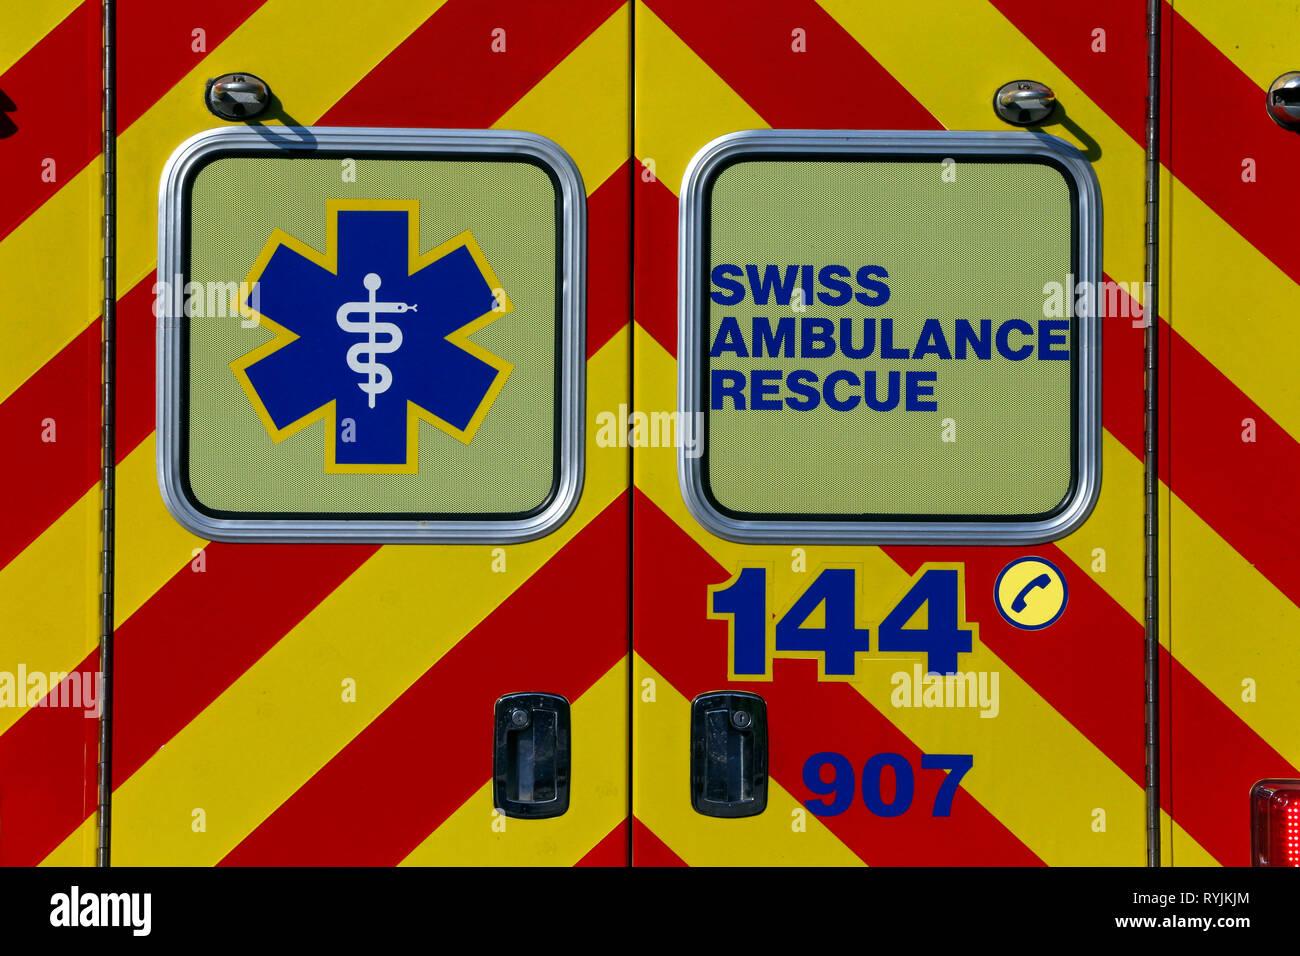 Ambulance suisse de sauvetage. Genève. La Suisse. Banque D'Images